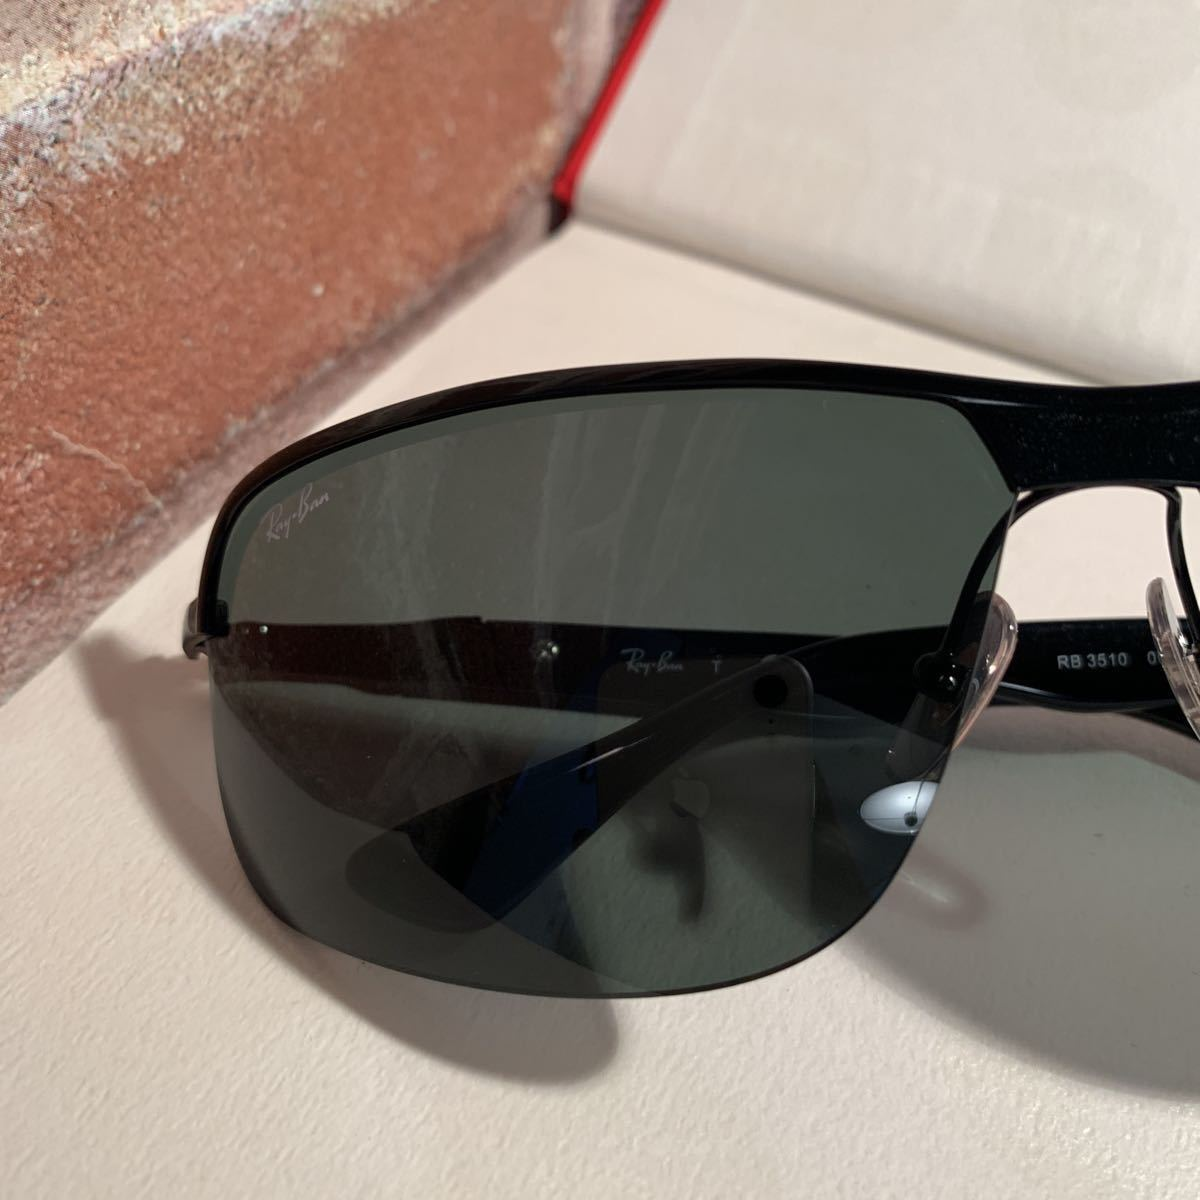 RayBanレイバン RB3510 002/71 65サイズ メンズ サングラス 眼鏡_画像3